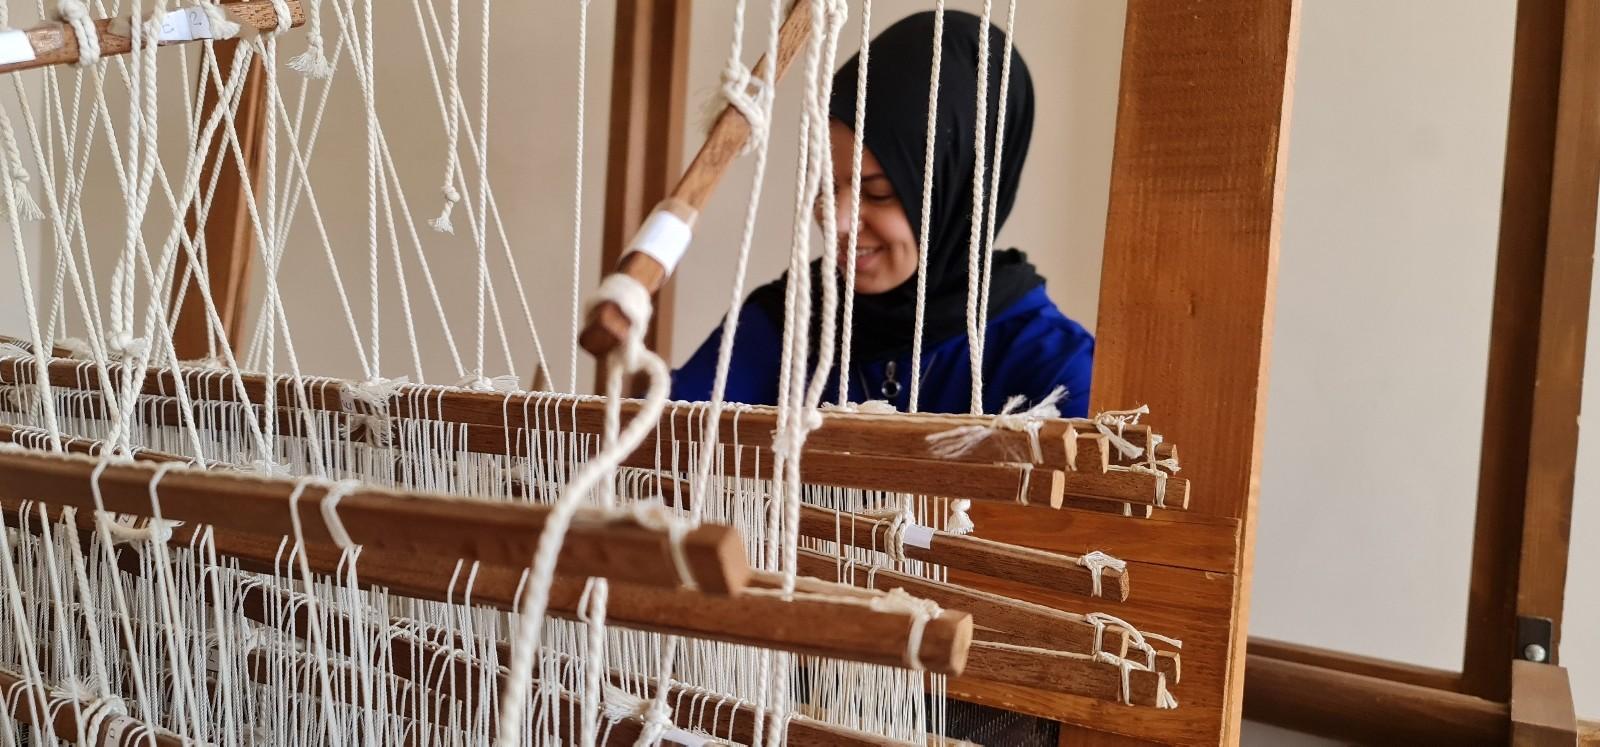 500 yıllık geçmişe sahip Tire Beledi dokuması modaya uyarlanıyor